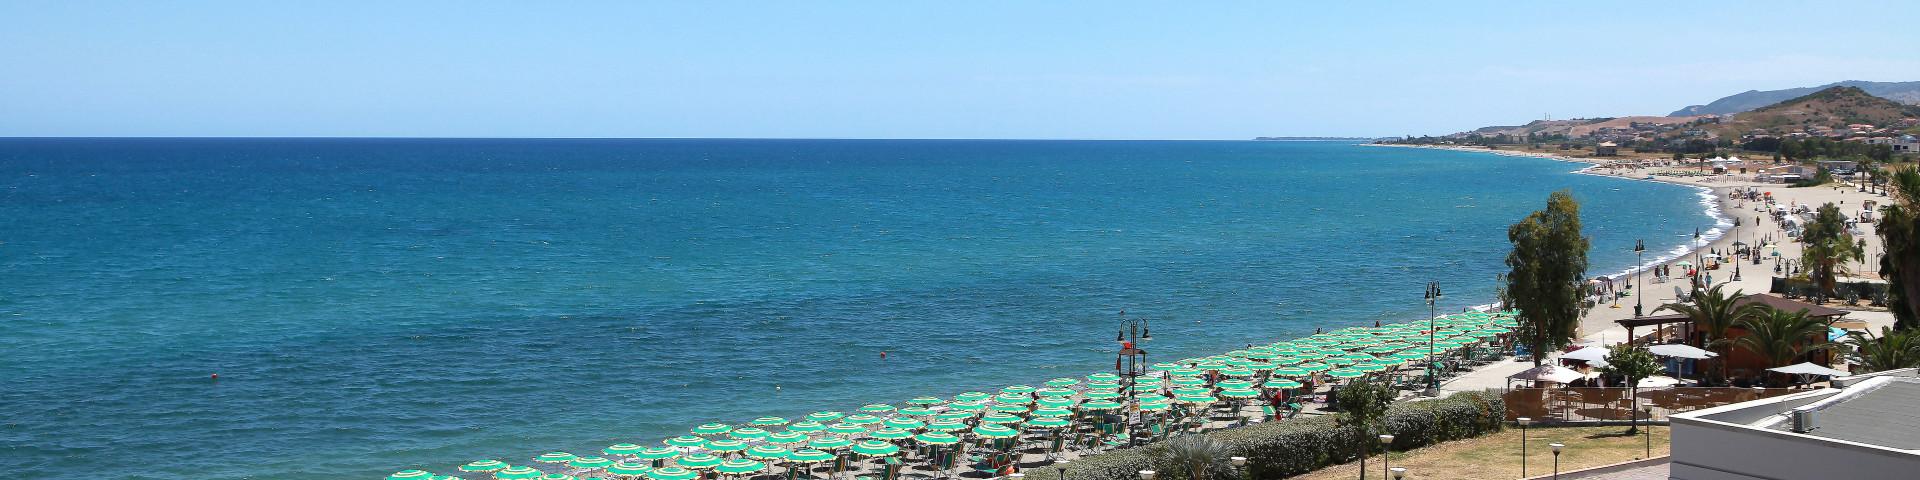 Marina di Mandatoriccio, celkový pohled na zátoku